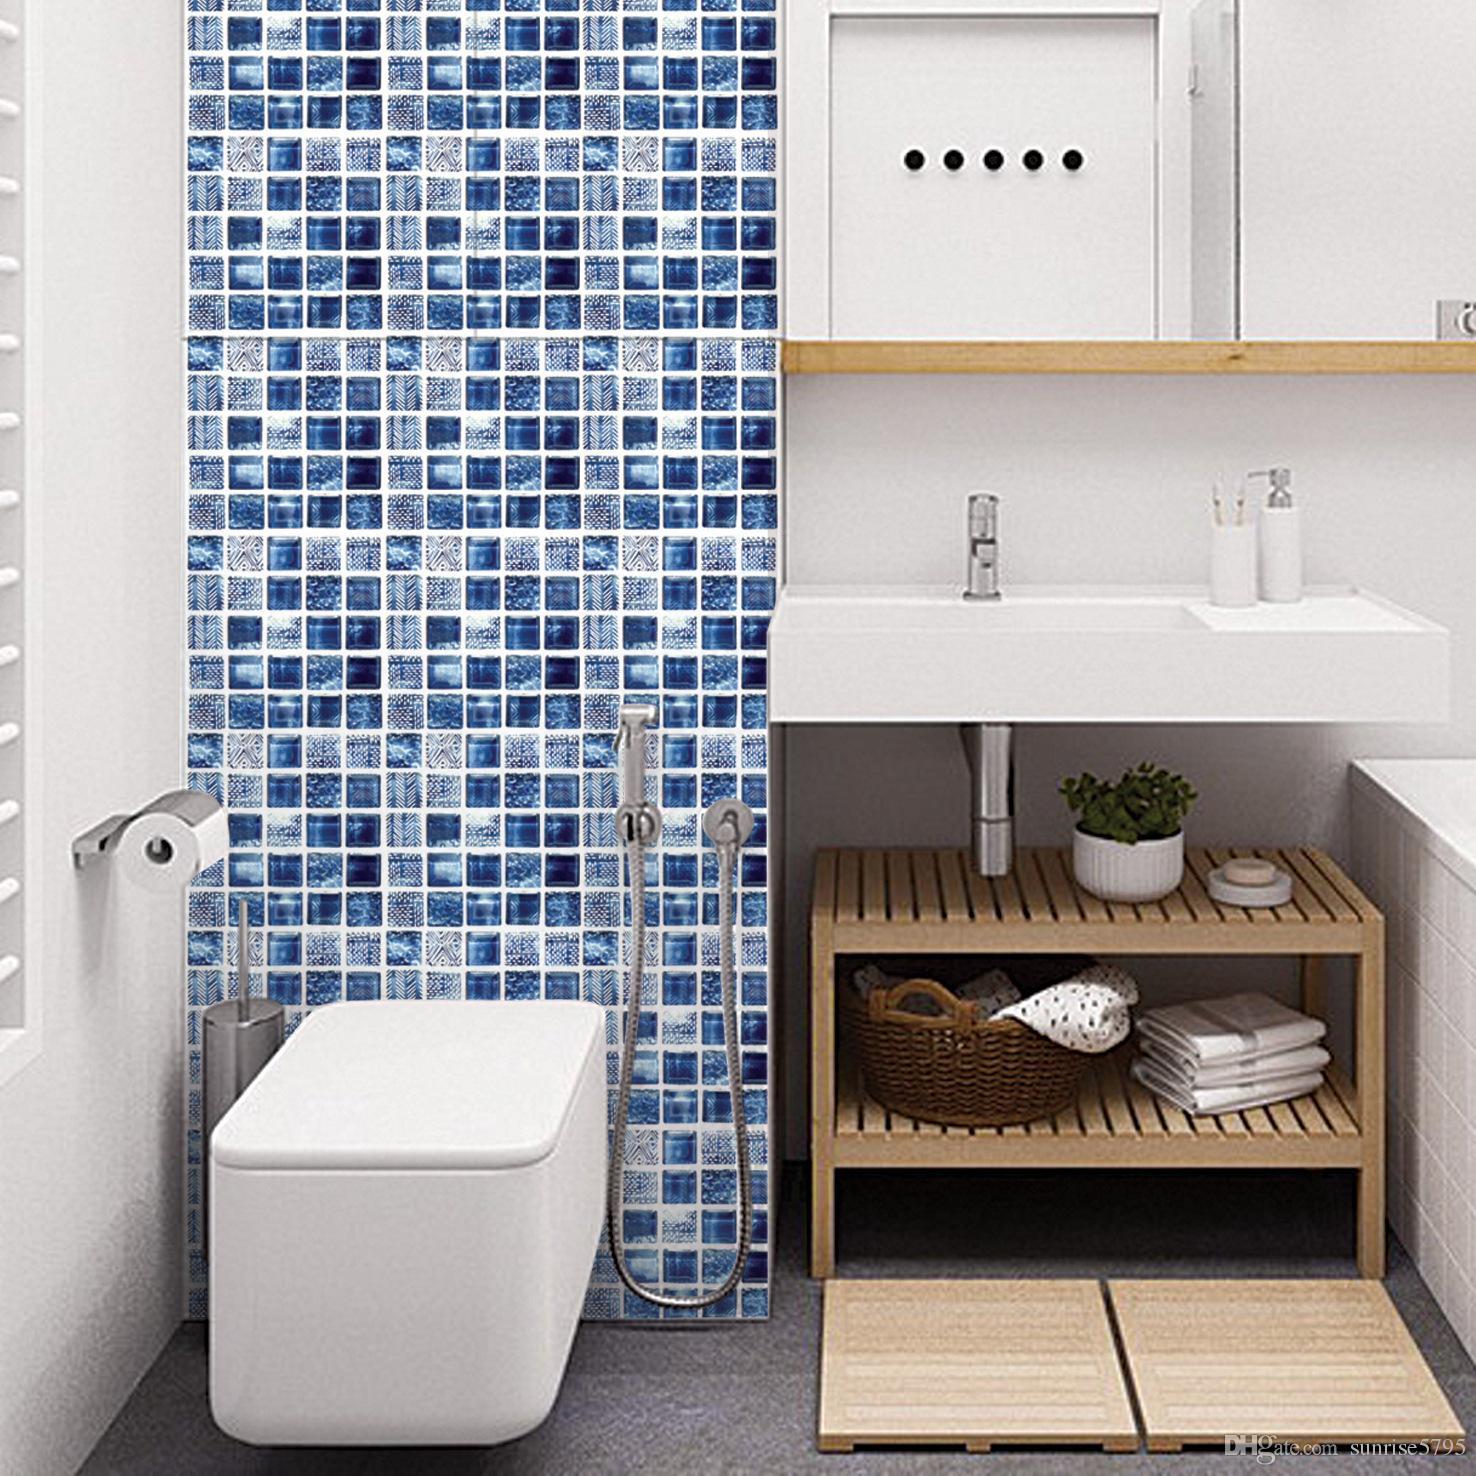 Acheter Bleu 3d Carrelage Autocollants Mosaique Mur Autocollant Chambre Decoration Bricolage Salon Cuisine Salle De Bain Affiche Autocollant De 5 97 Du Sunrise5795 Dhgate Com